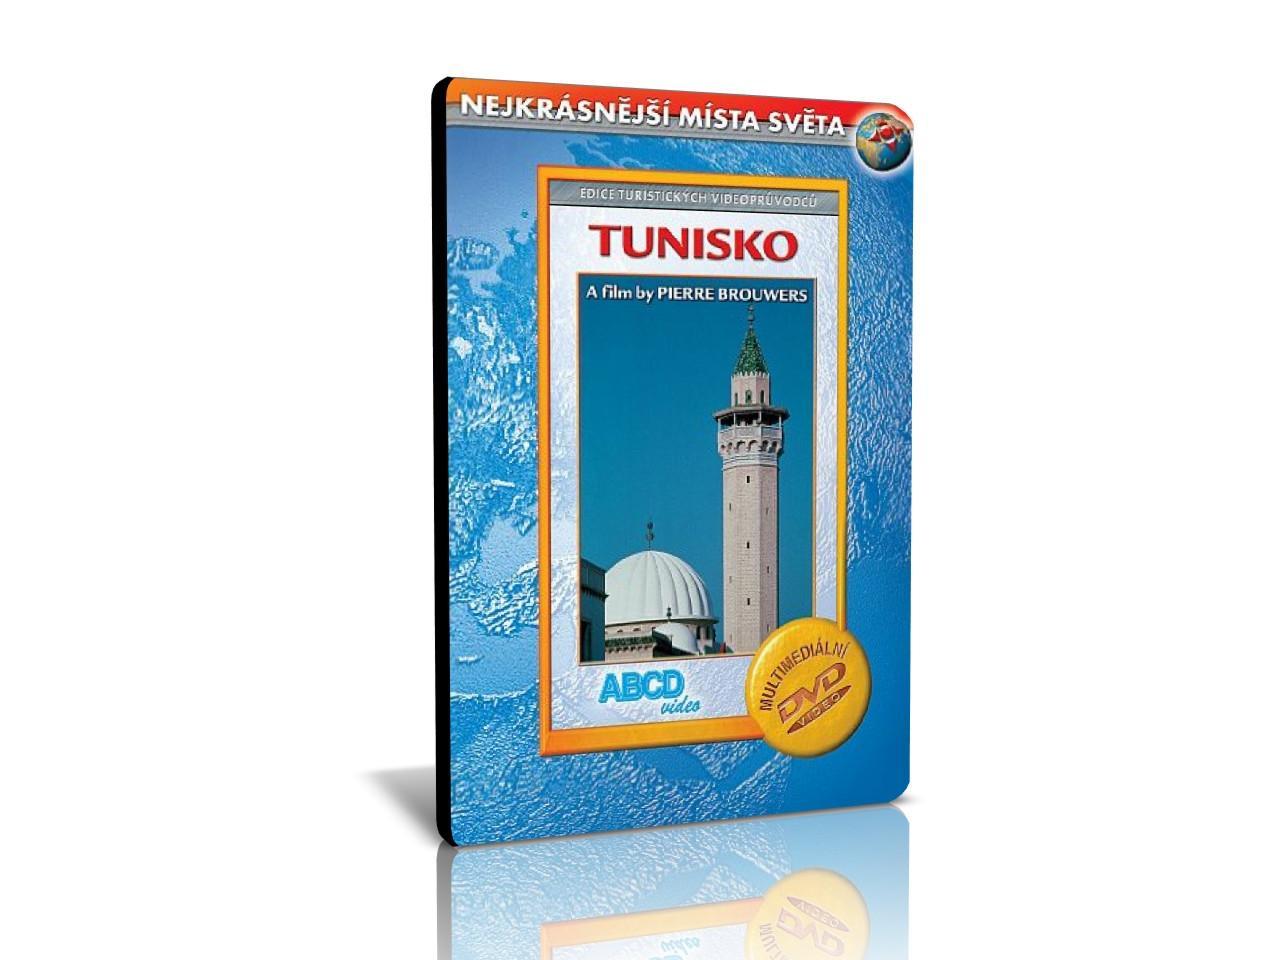 NEJKRÁSNĚJŠÍ MÍSTA SVĚTA: Tunisko (MM DVD)